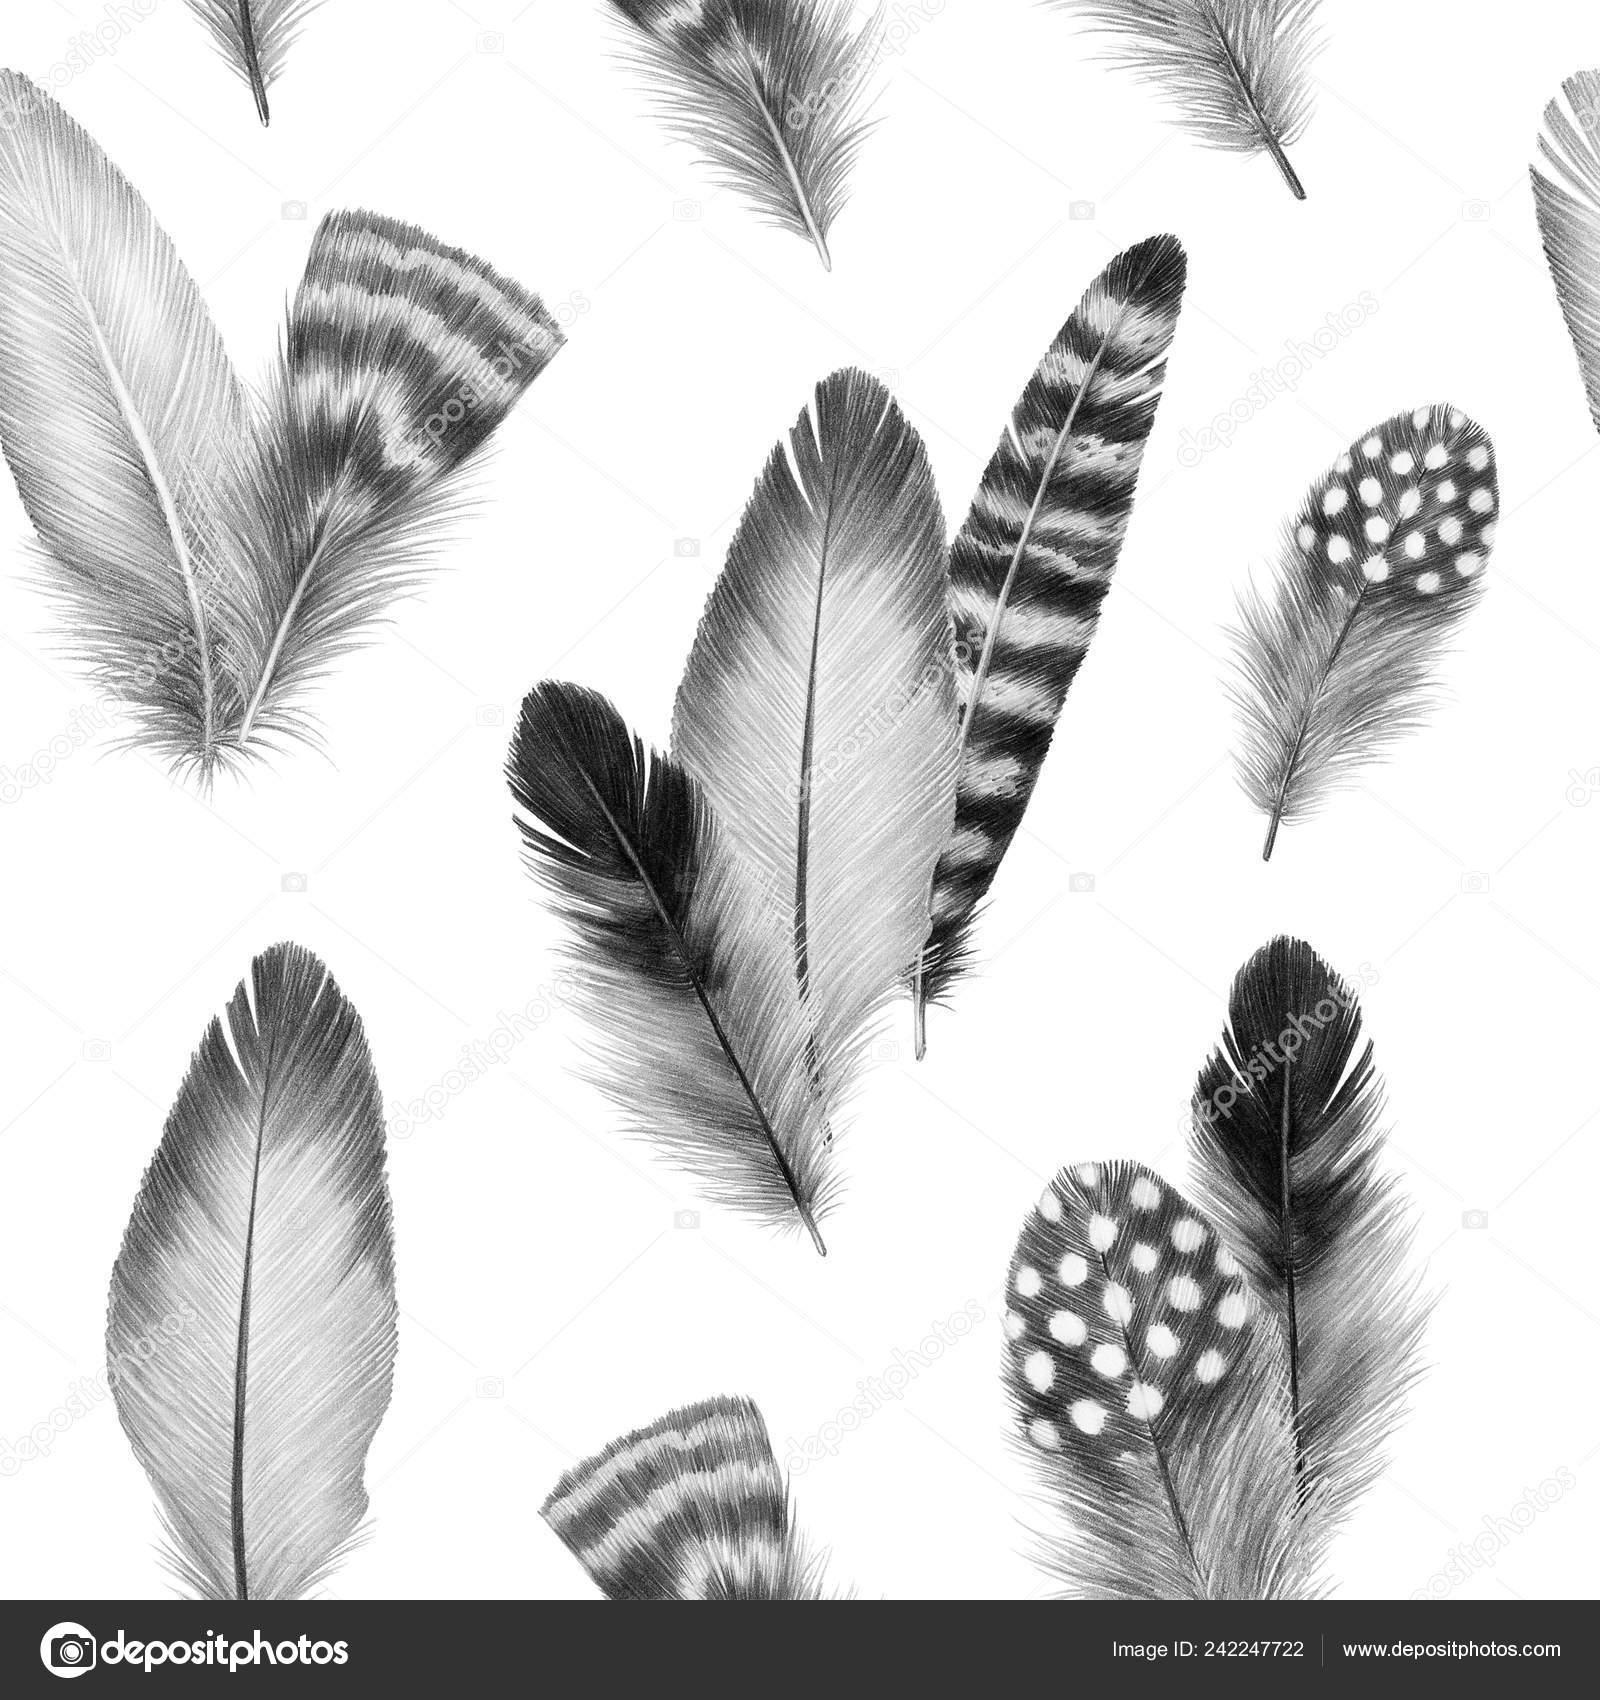 szép tollvastag fasz képek